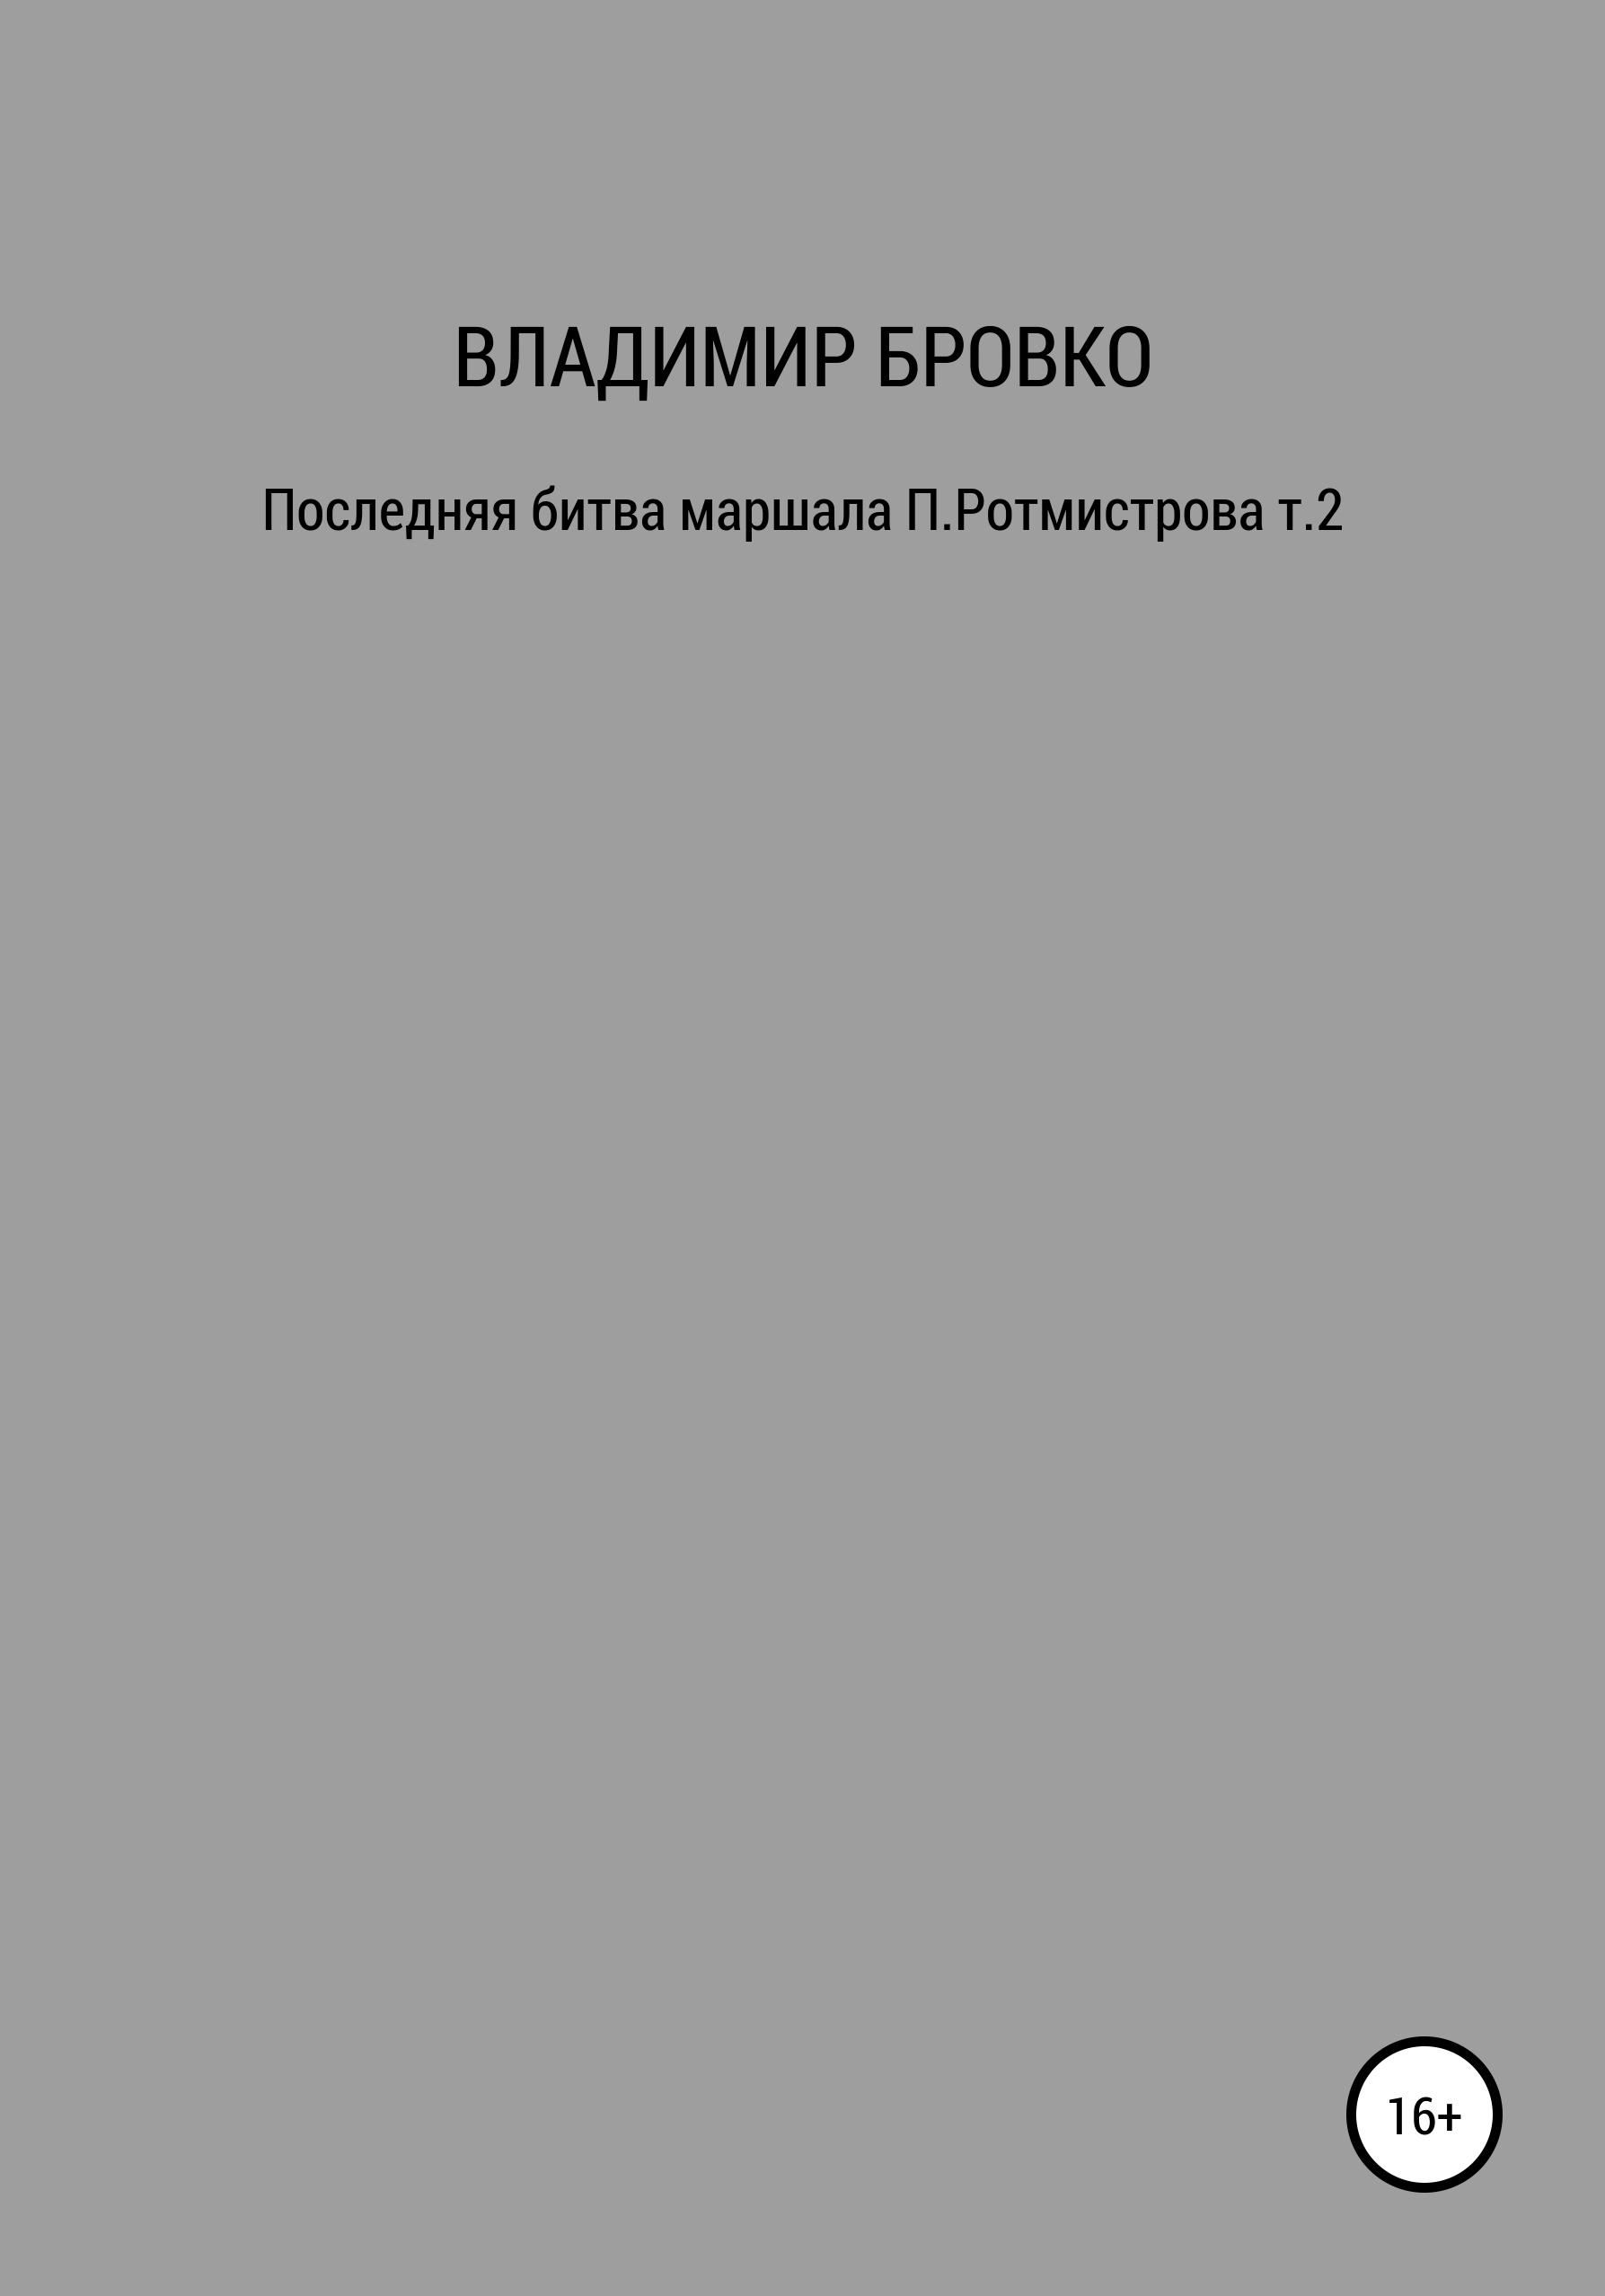 Последняя битва маршала П. Ротмистрова. Т. 1